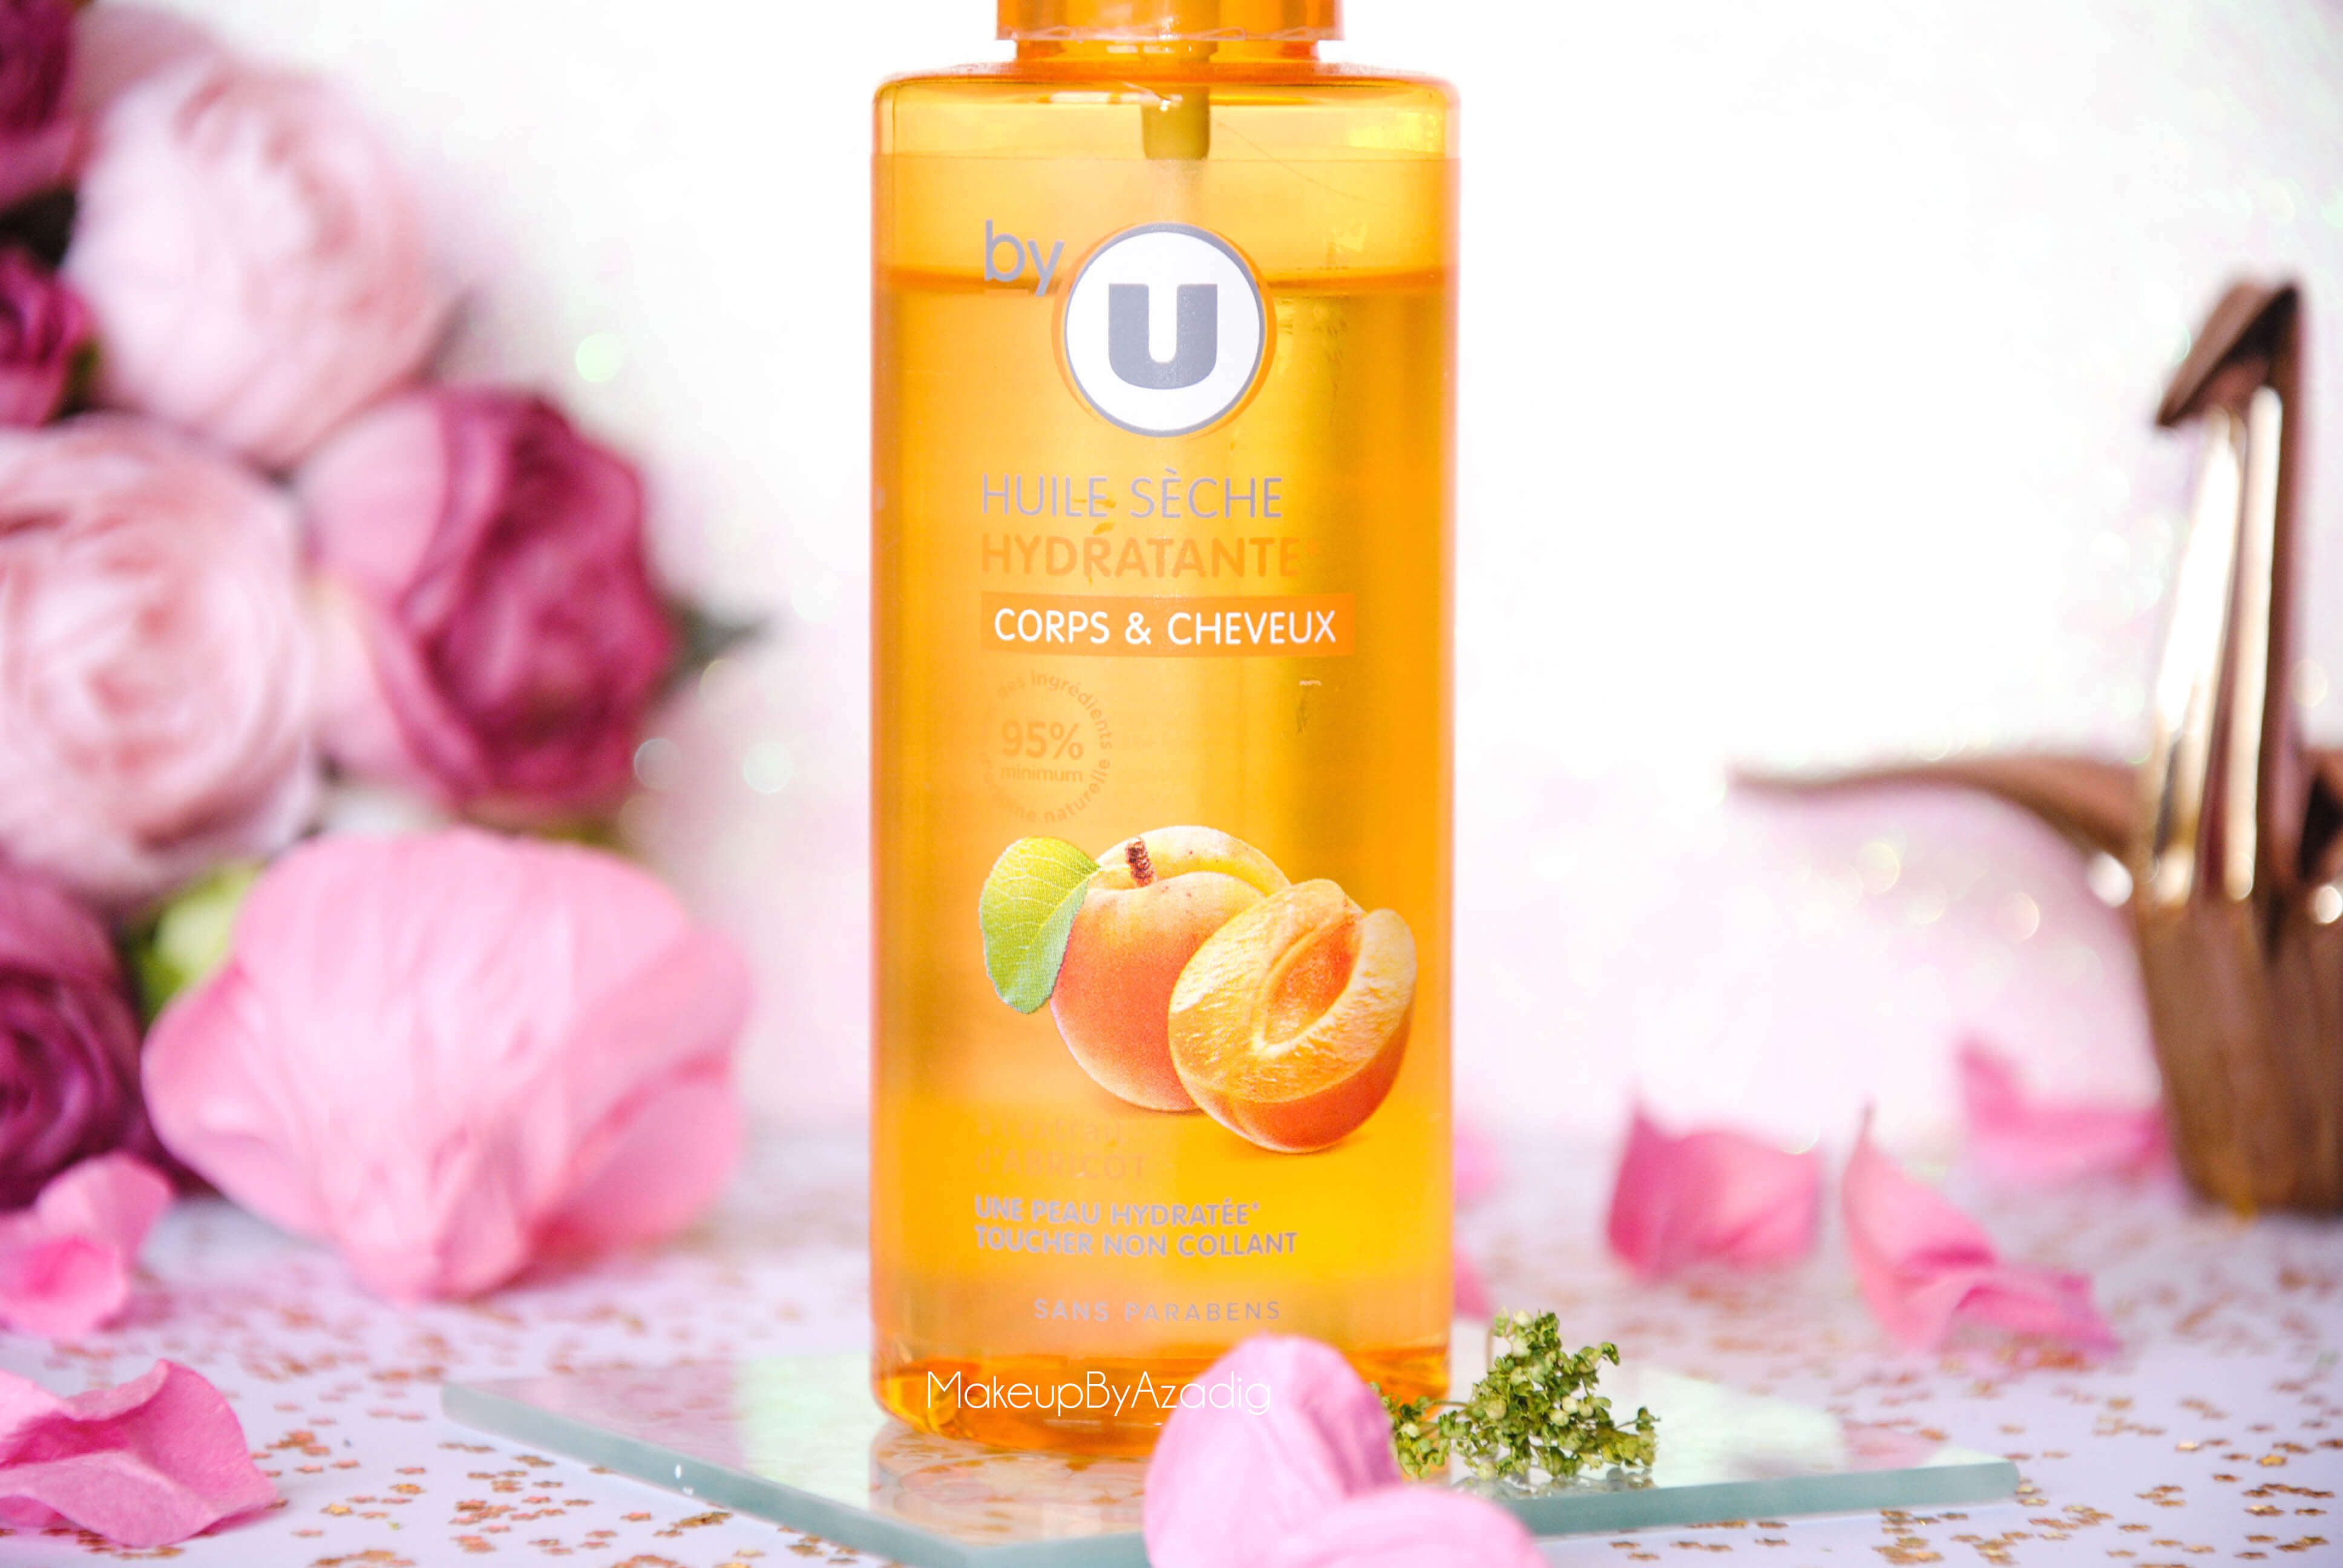 makeupbyazadig-cellublue-ventouse anti cellulite-avis-huile